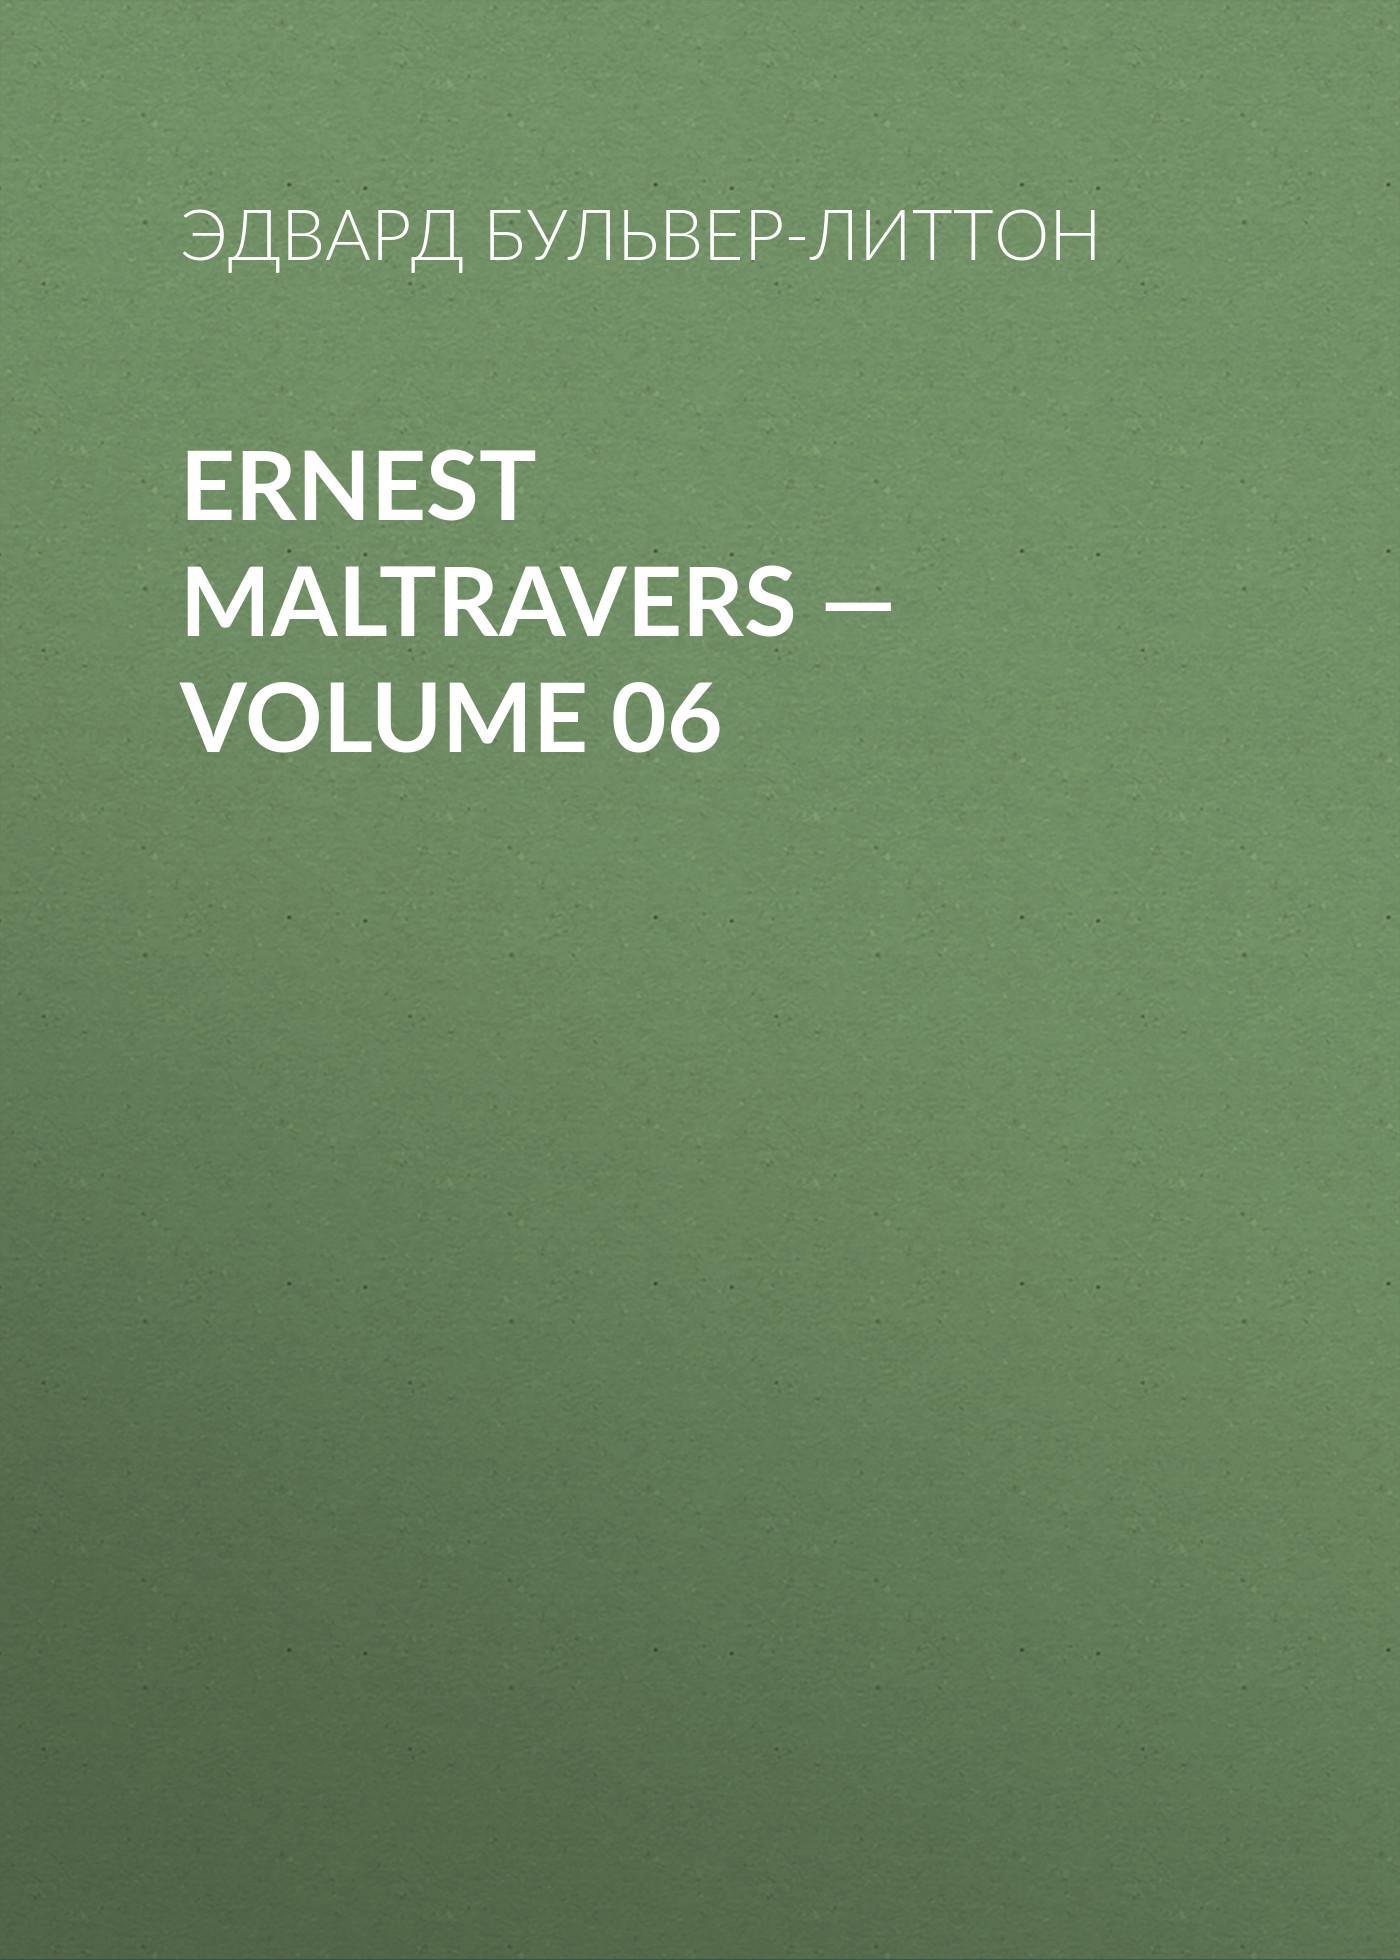 Эдвард Бульвер-Литтон Ernest Maltravers — Volume 06 эдвард бульвер литтон ernest maltravers volume 02